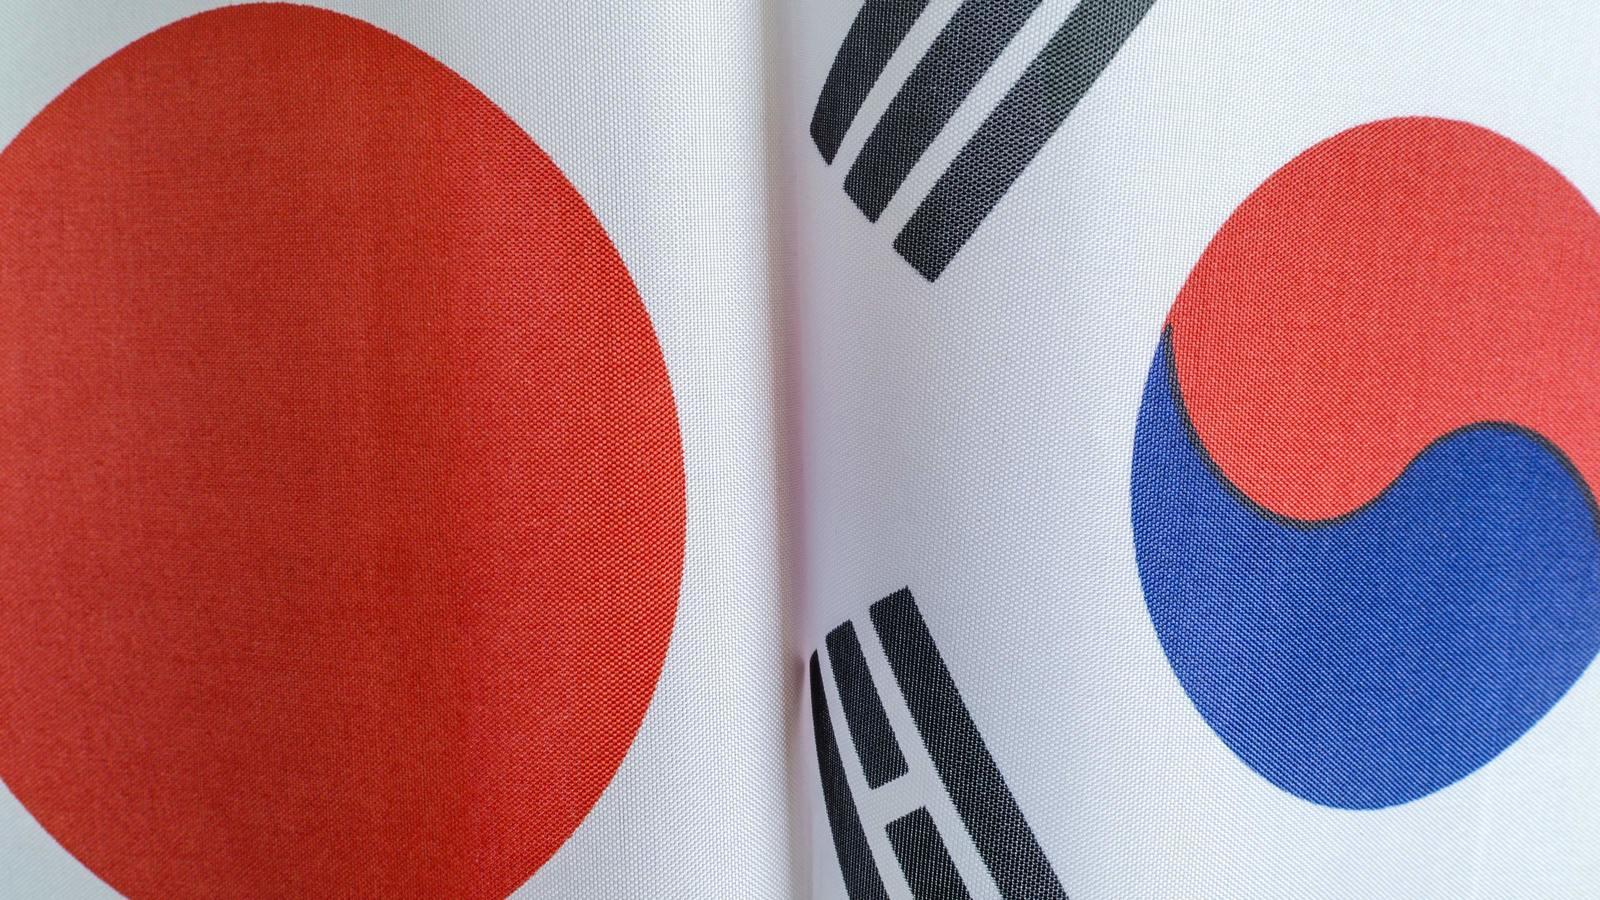 日韓の対立を「やたらと煽るバカ」が増えるワケ 賢い人もバカになる集団心理の怖さ